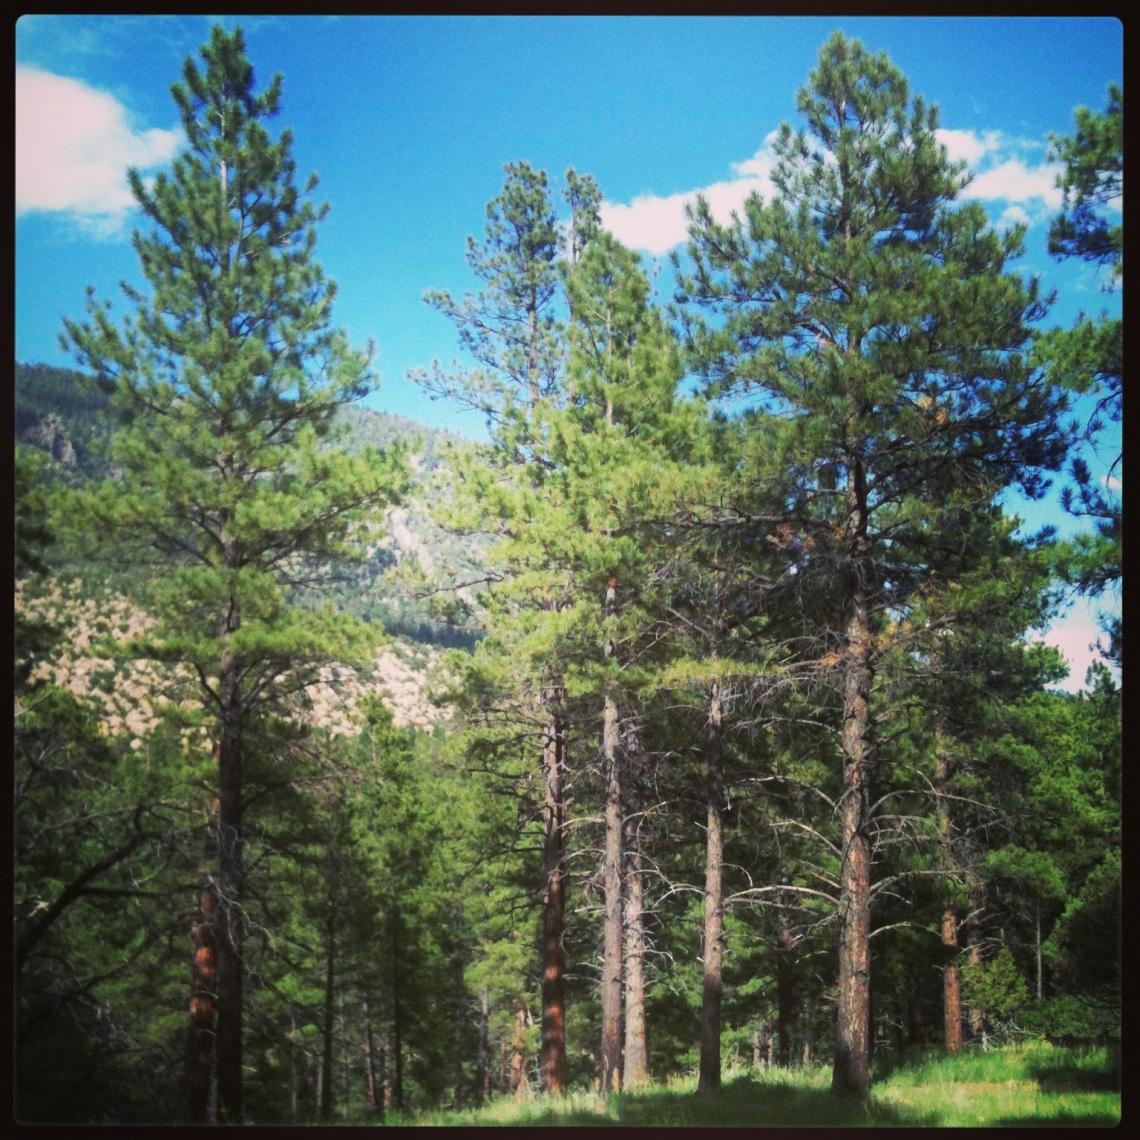 forest near buffalo park (c) 2013 holly troy